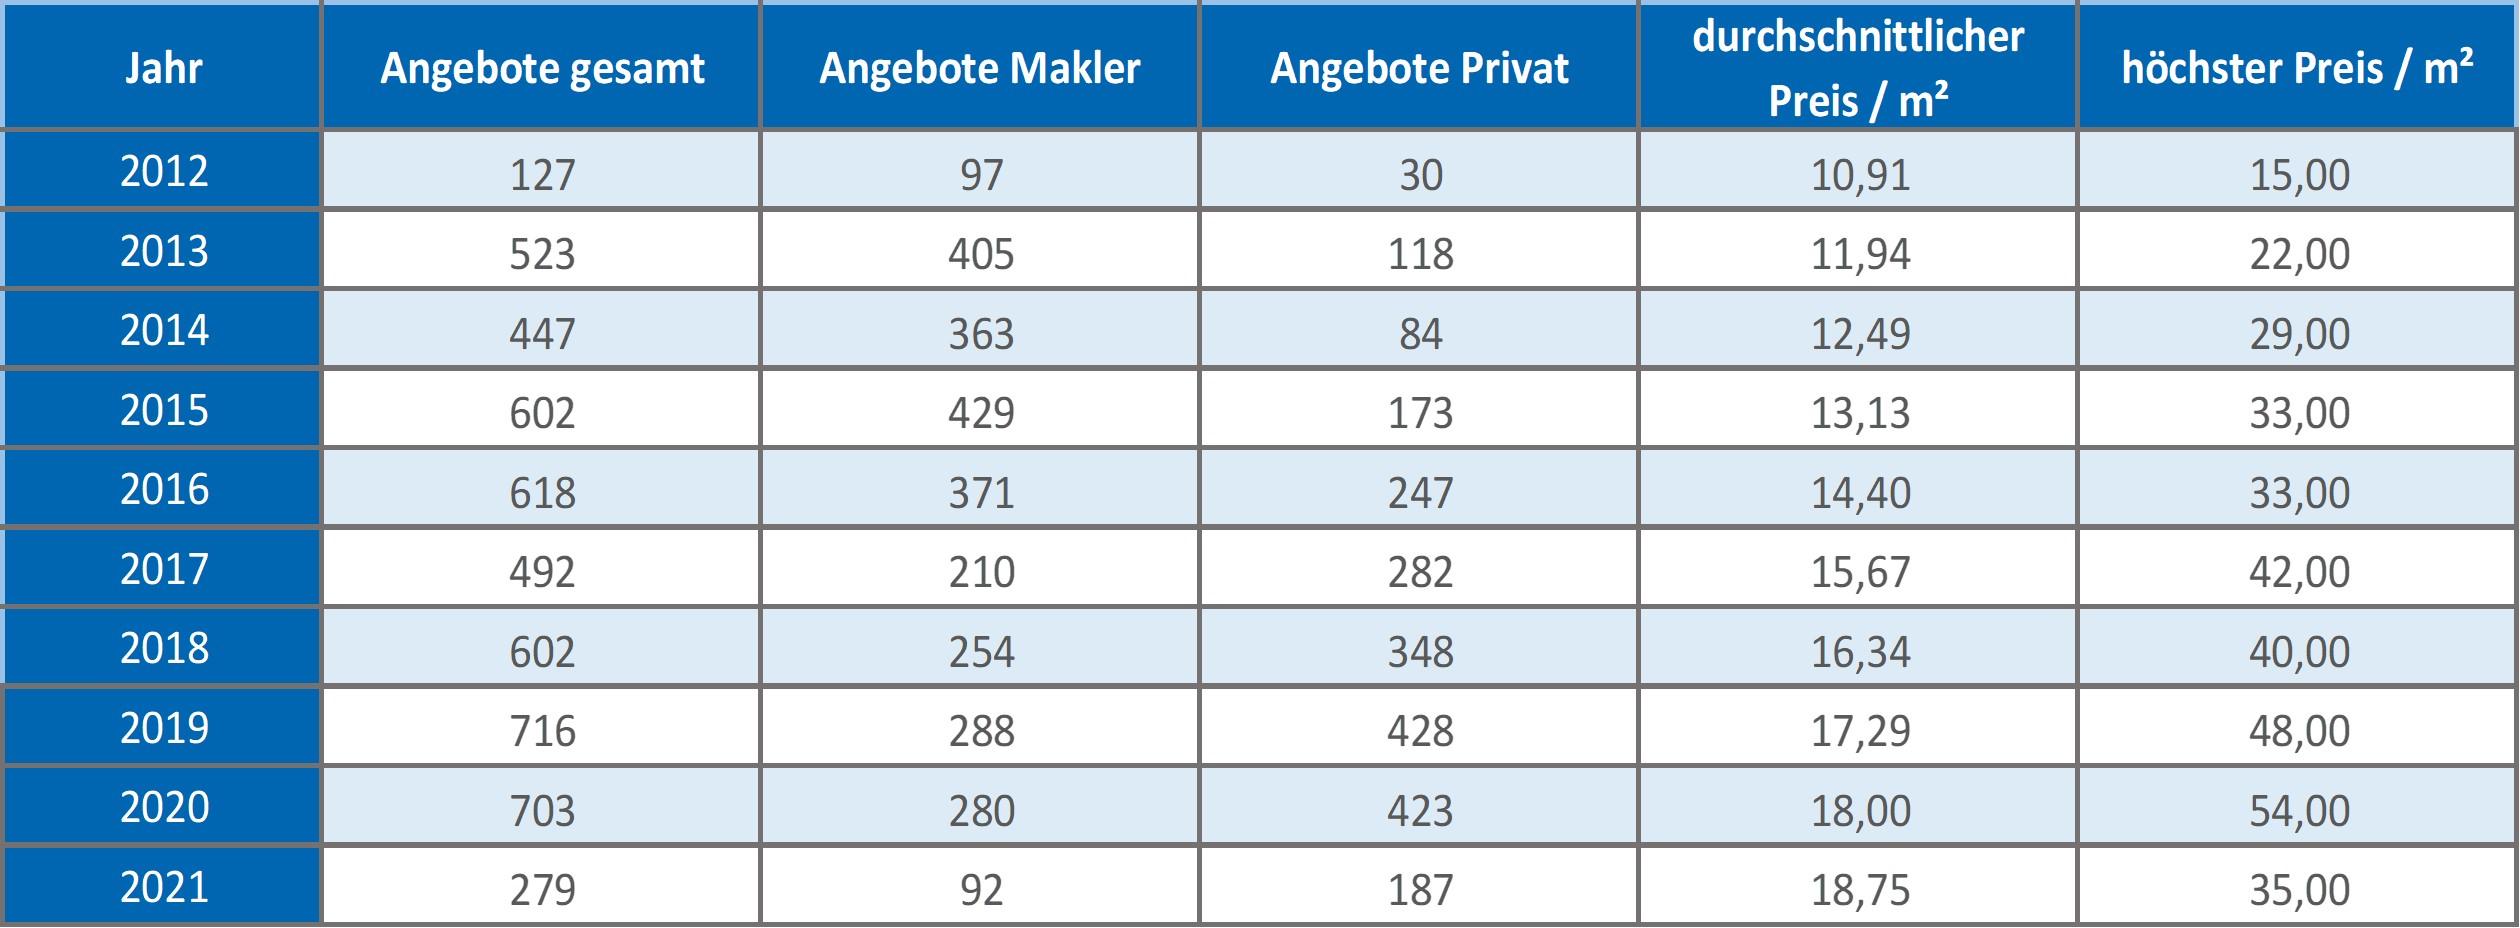 München - Aubing Wohnung mieten vermieten Preis Bewertung Makler 2019 2020 2021 www.happy-immo.de